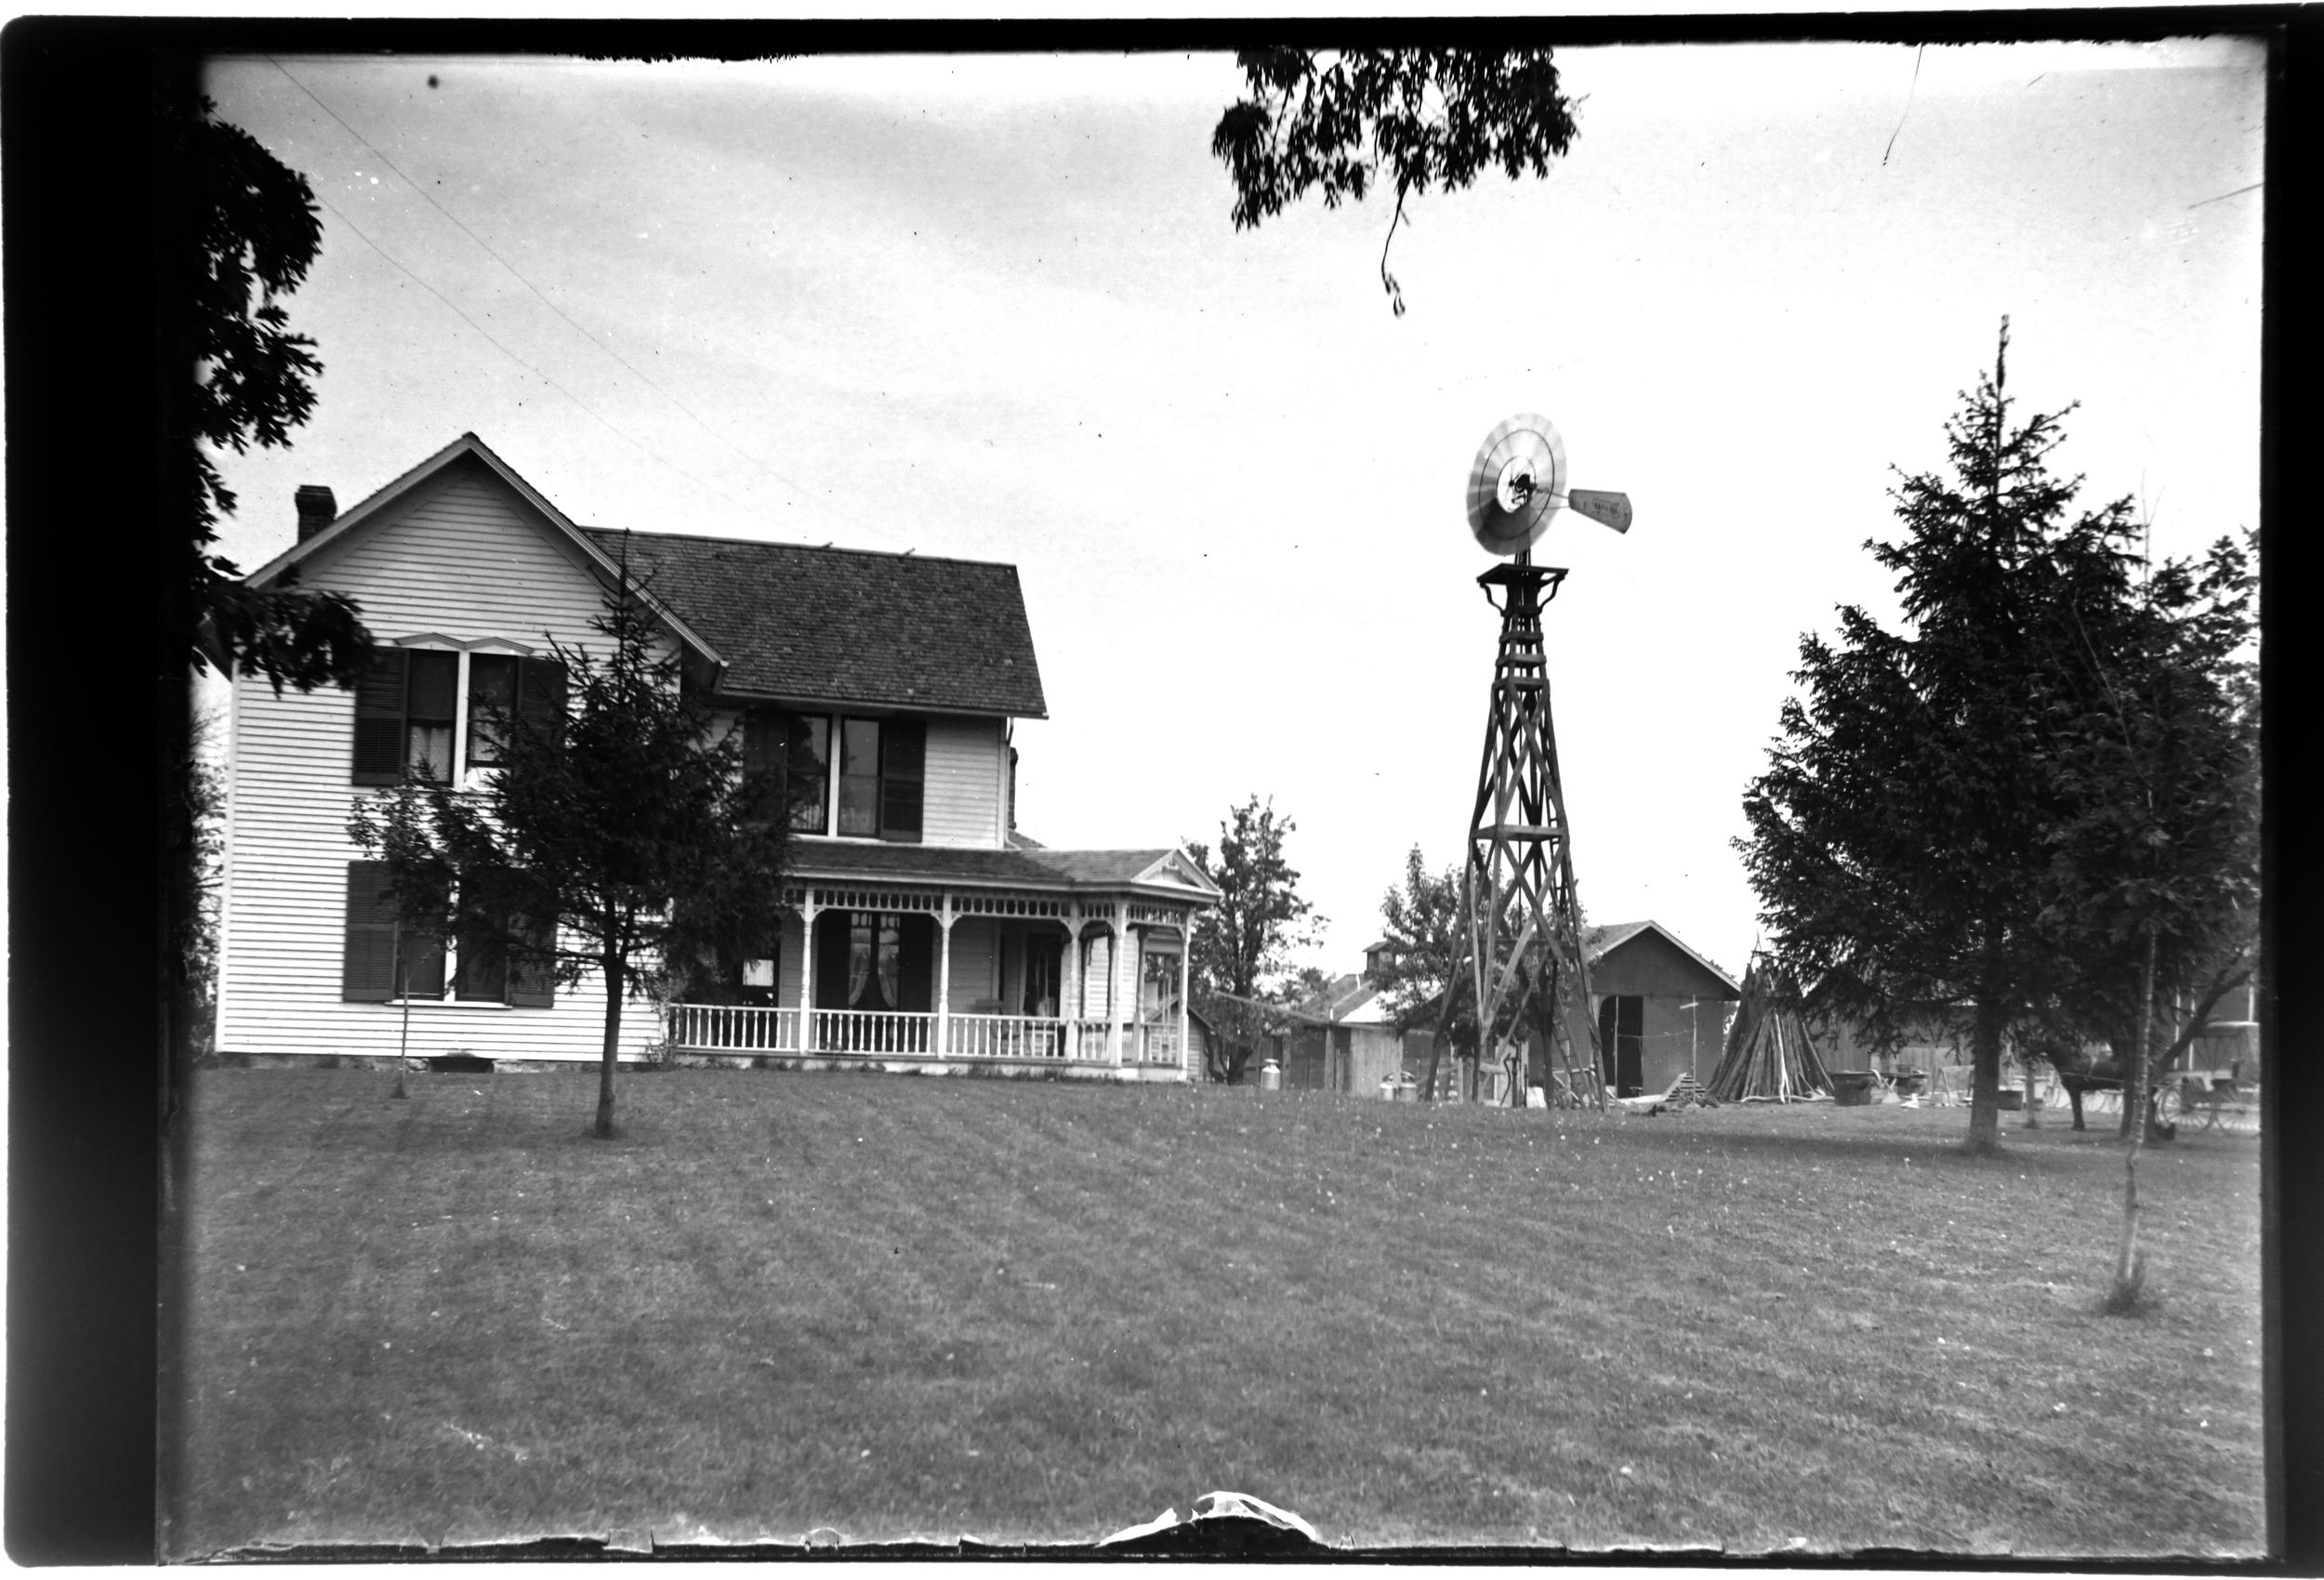 A farm house in St Louis, c. 1902.